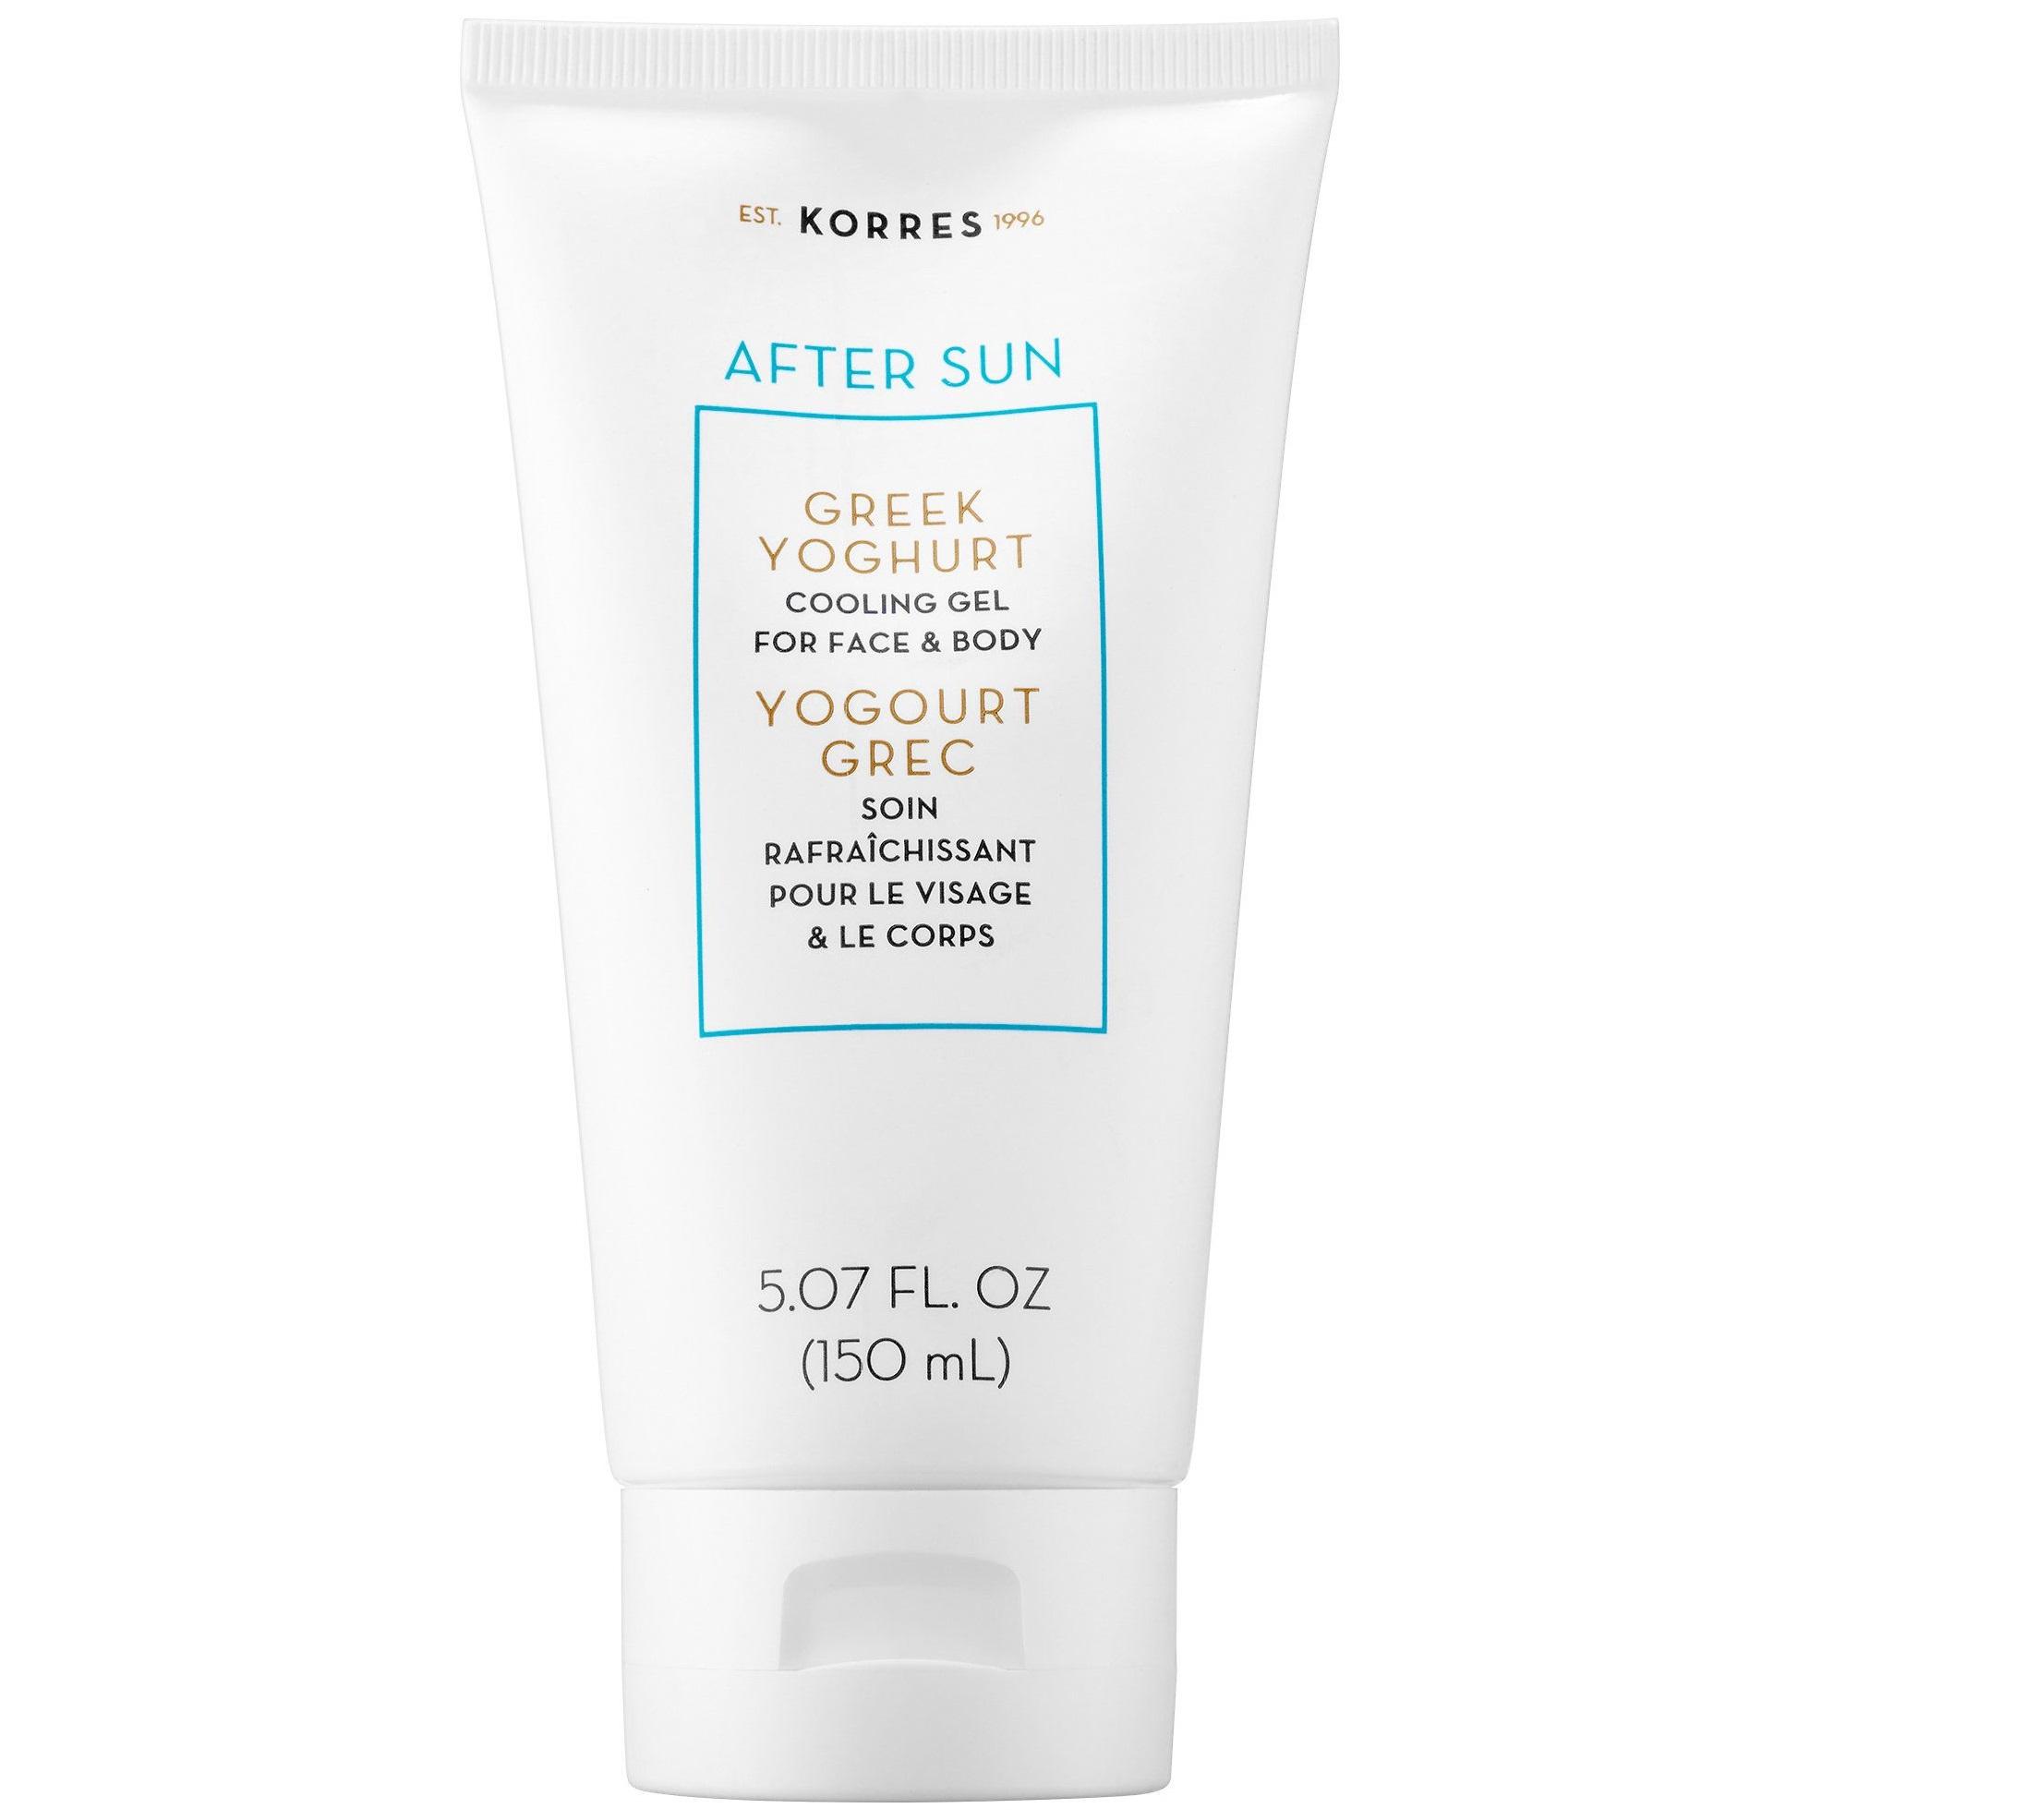 Korres After Sun Yoghurt Cooling Gel for Face and Body para todo tipo de piel. Calma la piel con una formula en la que predomina el yogur griego y que a la vez combate la deshidratación y la rojez. Disponible en Sephora. (Suministrada)